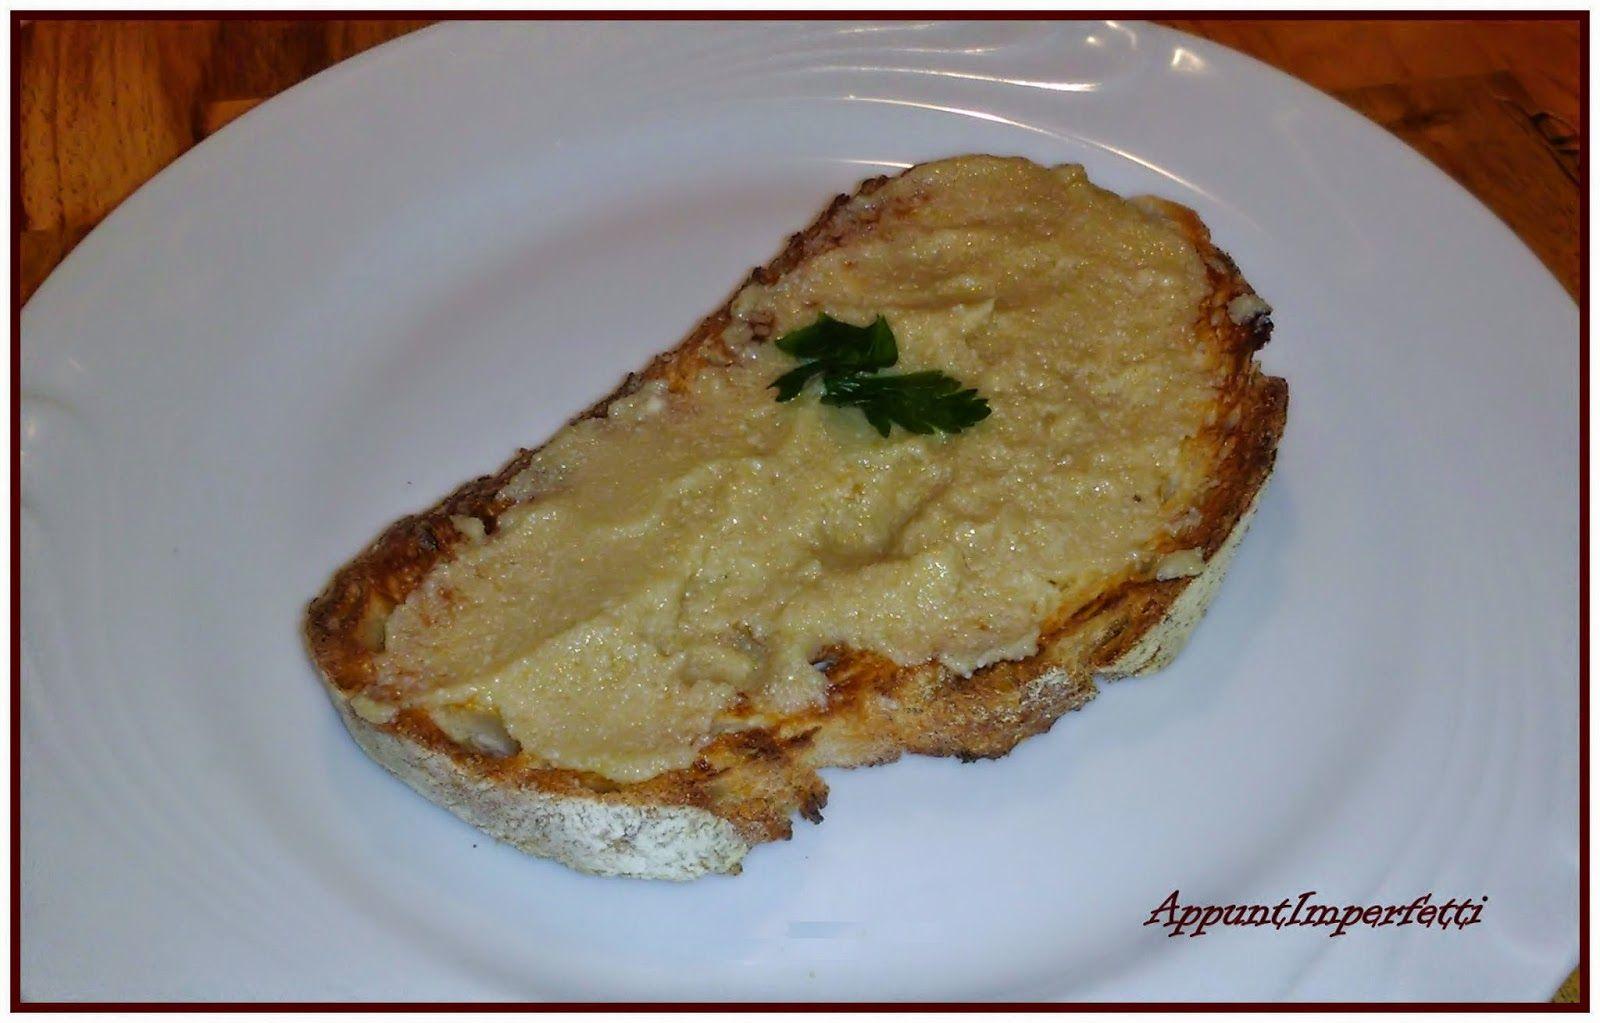 AppuntImperfetti: Bruschetta con uova di sogliola